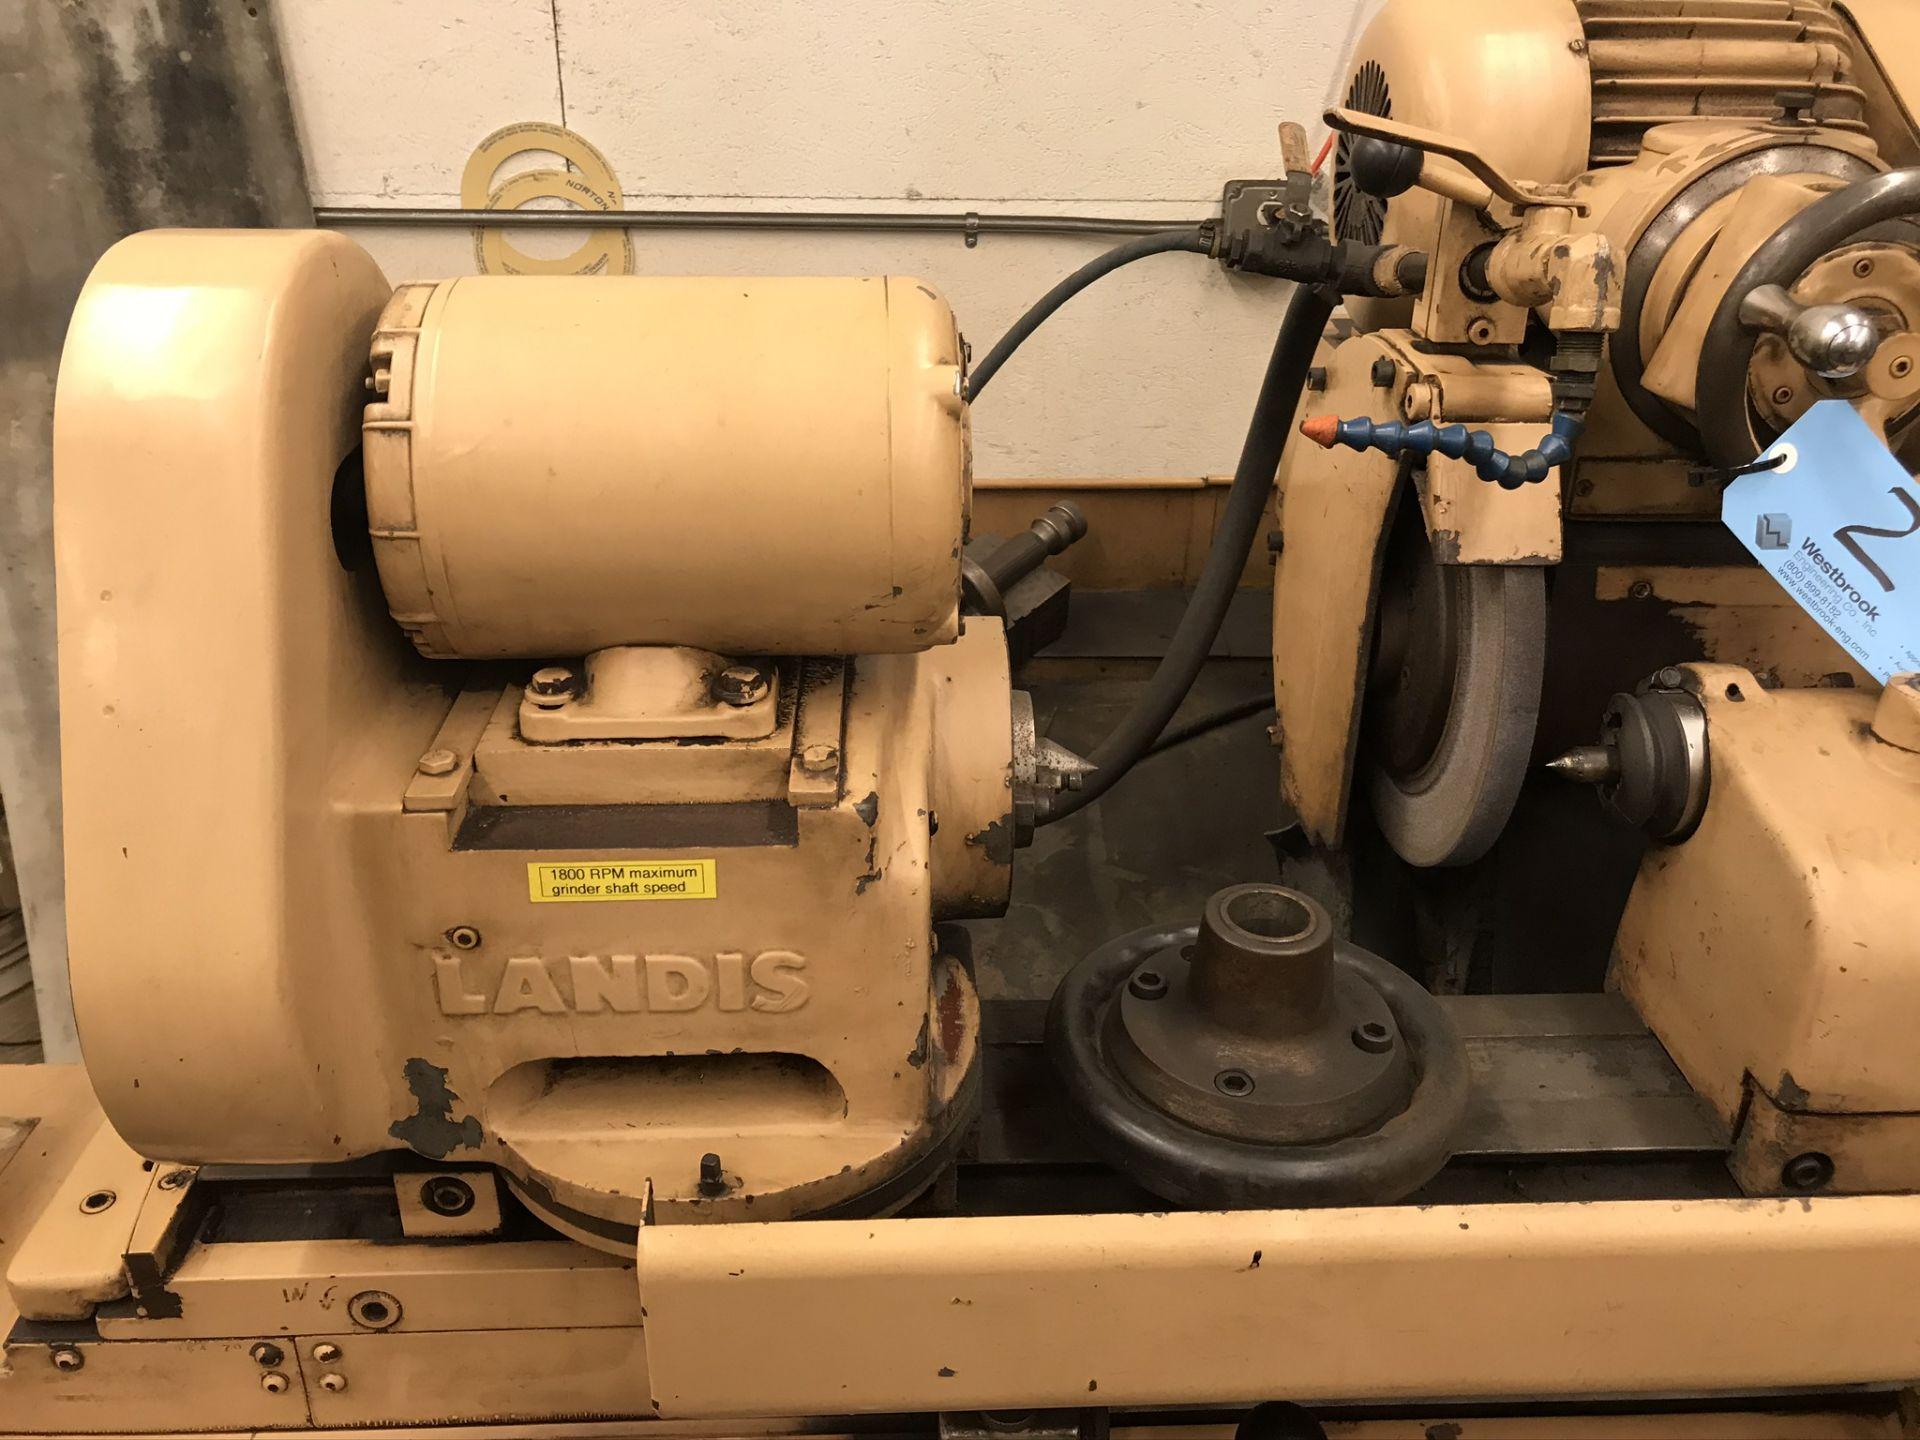 Landis Type 1R Universal Grinder Model #10x20 - Image 5 of 10